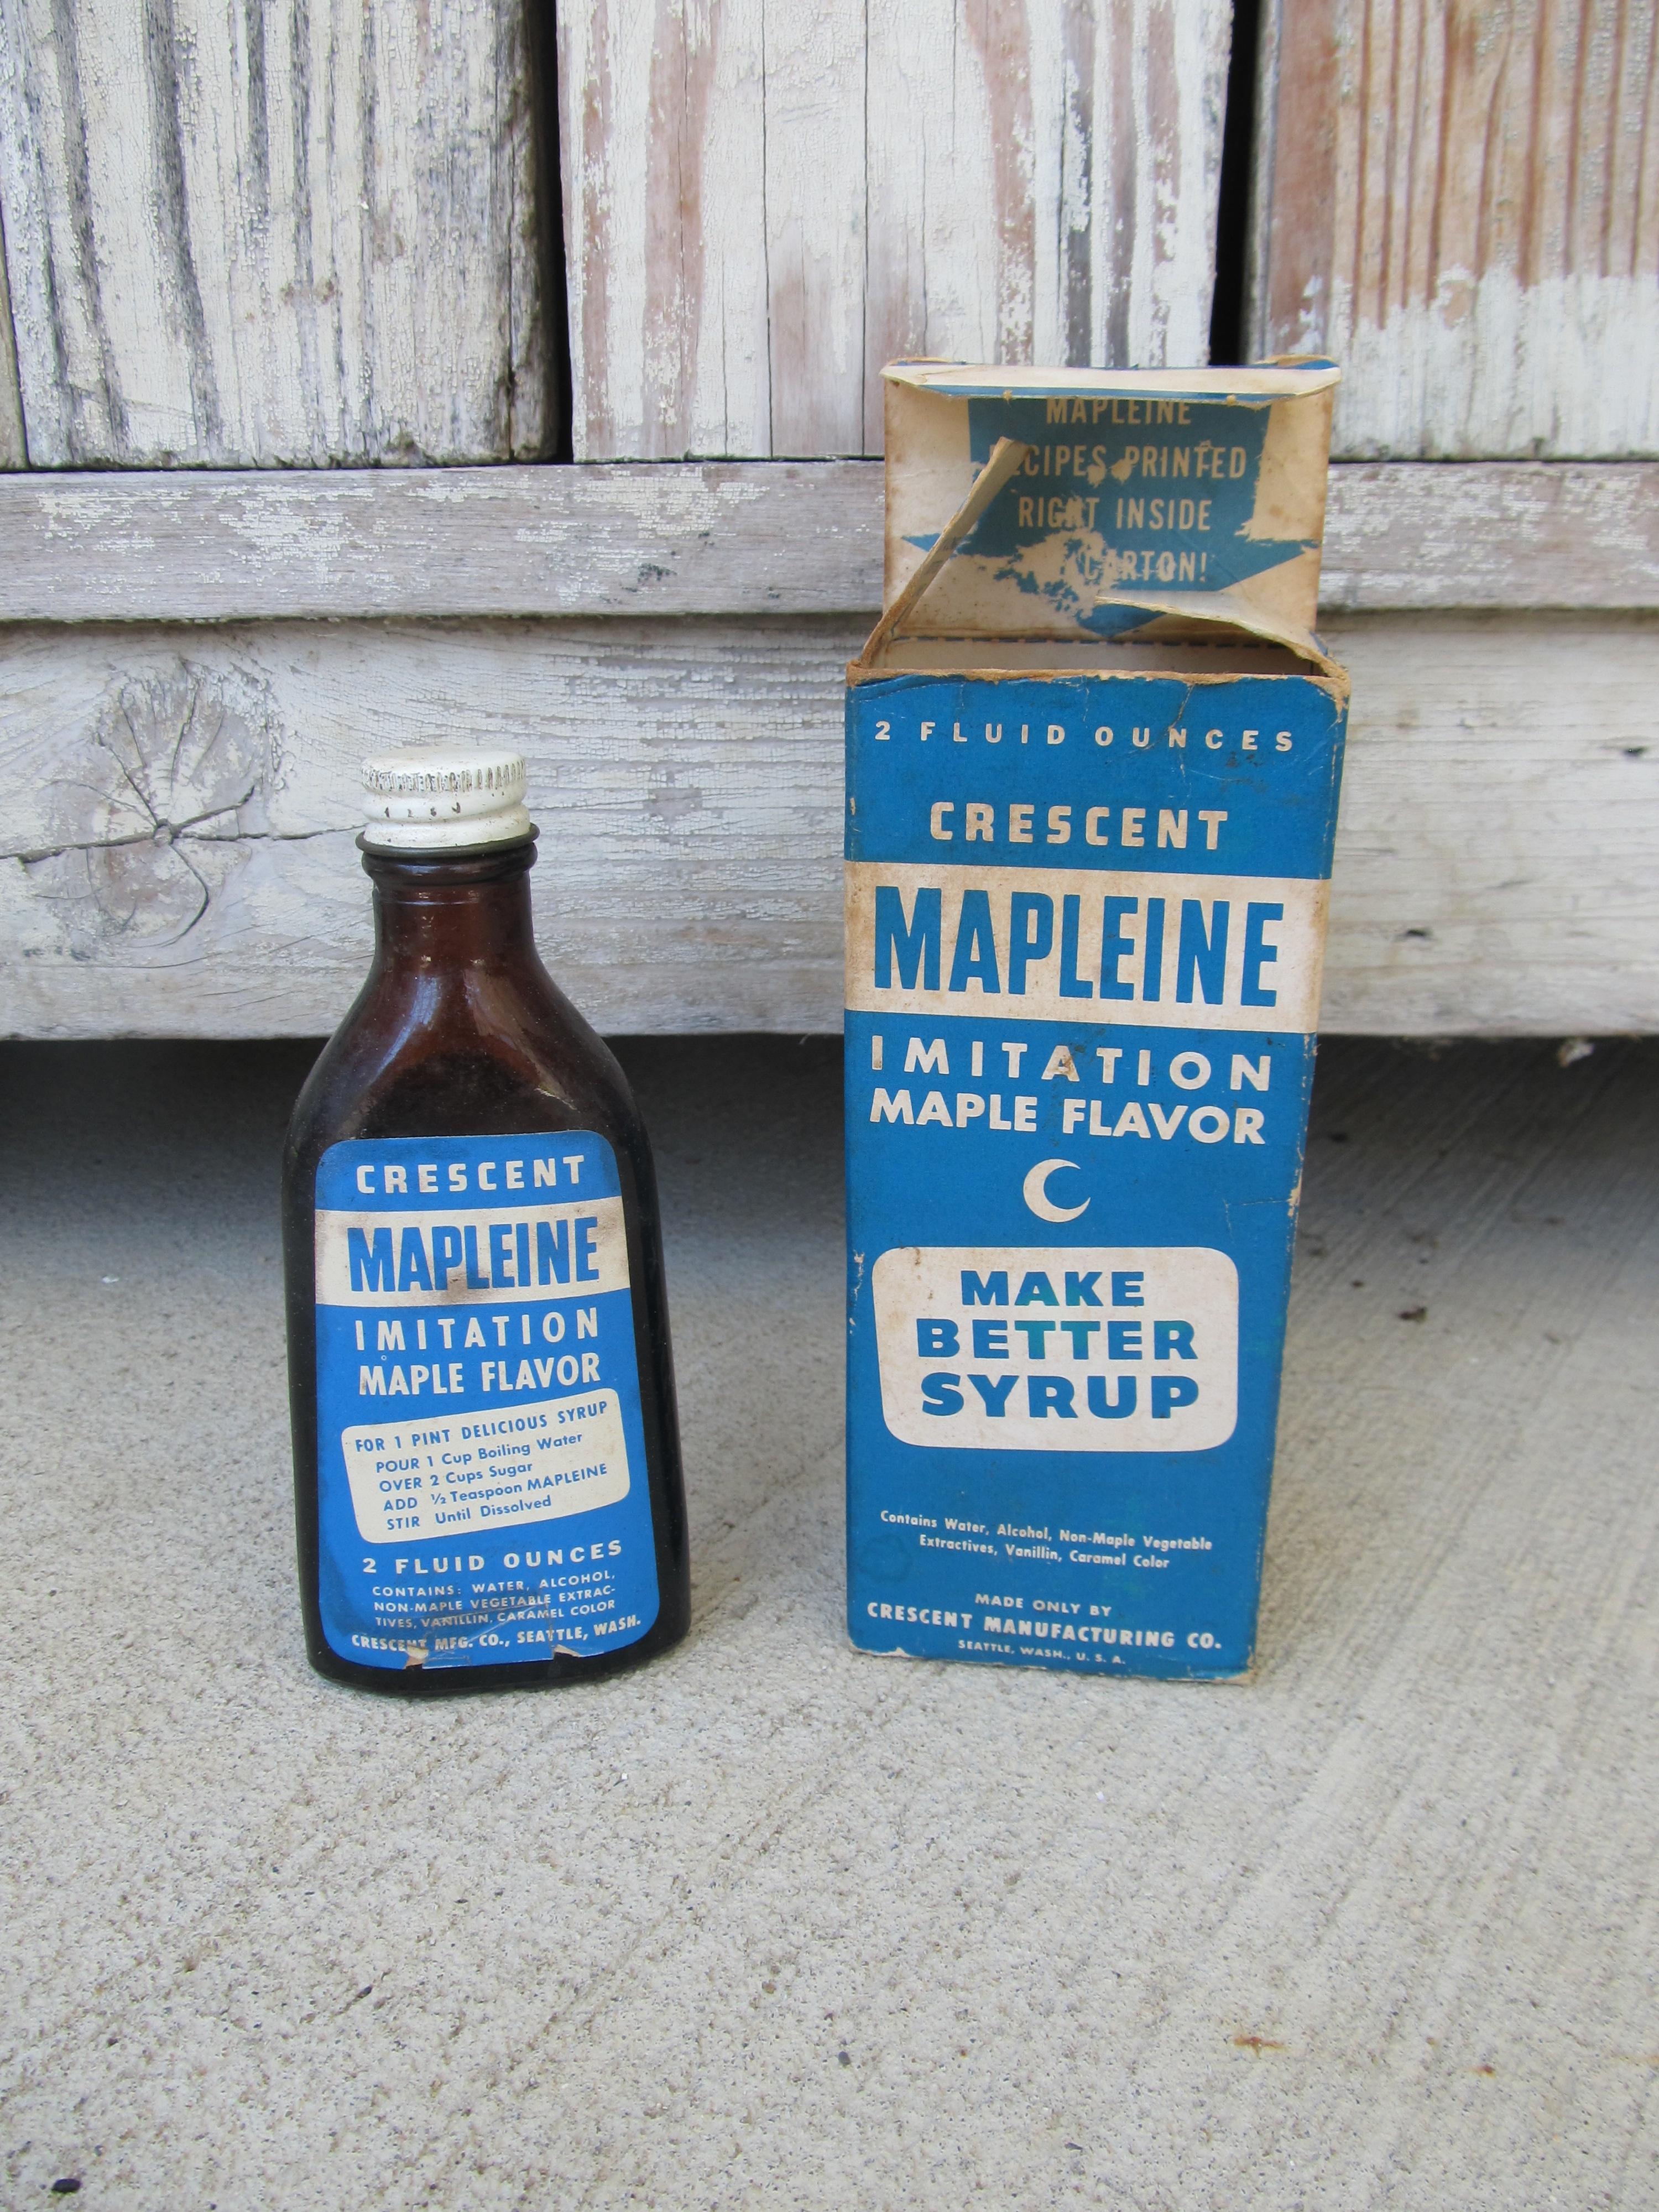 Vintage Antique Crescent Brand Mapleine Imitation Maple Flavor Glass ...